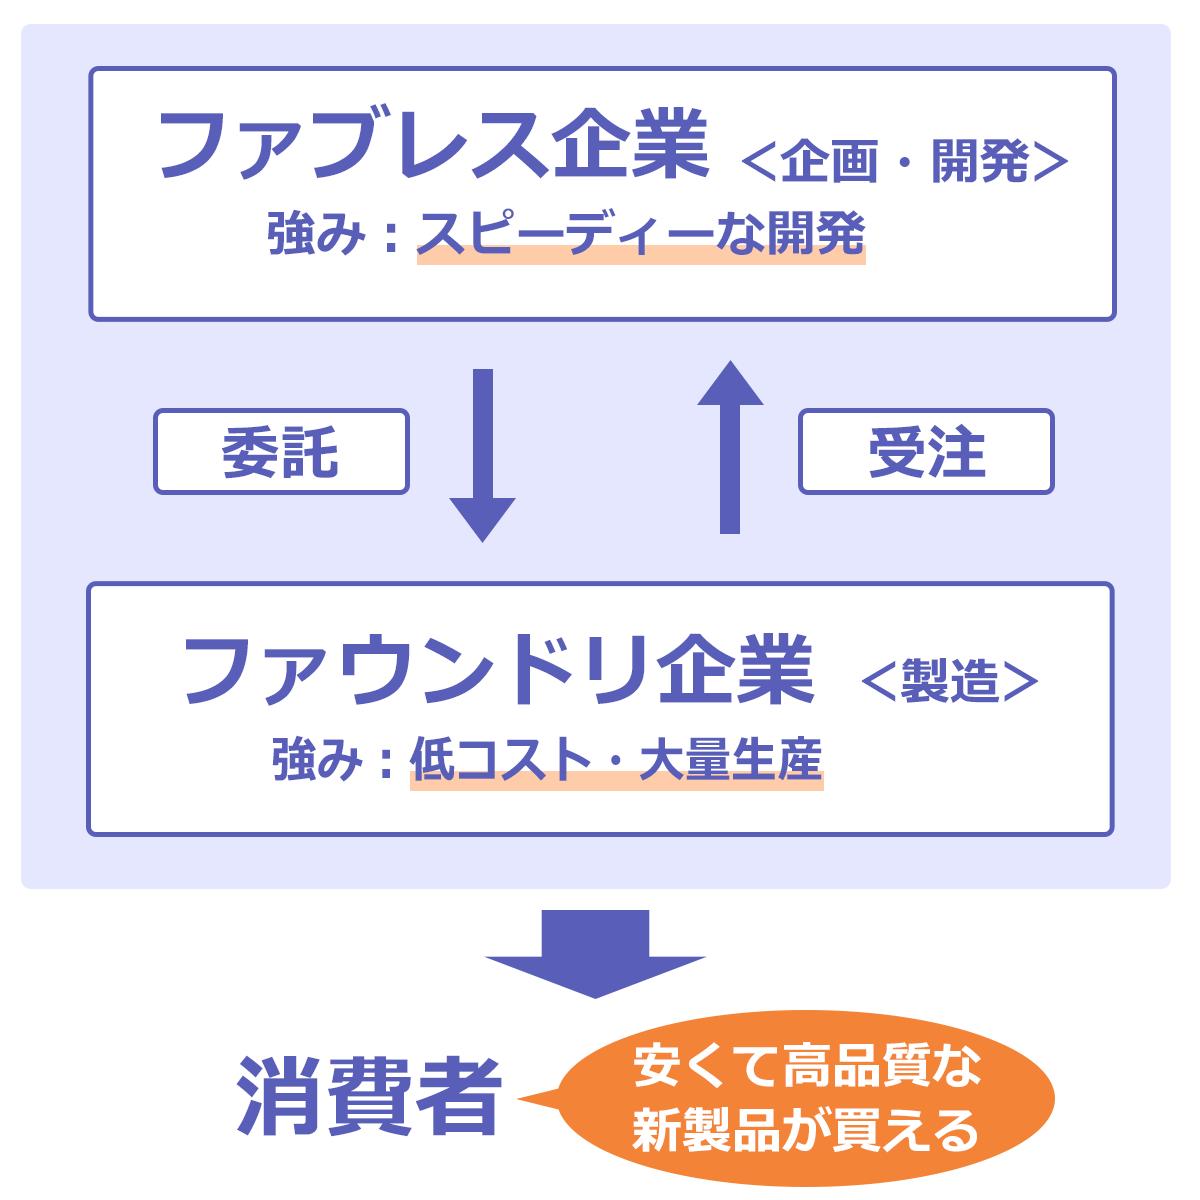 ファブレス企業とファウンドリ企業の関係図。ファブレス企業(企画・開発)の強み:スピーディーな開発、ファウンドリ企業(製造)の強み:低コスト・大量生産→消費者は安くて高品質な新商品が買える